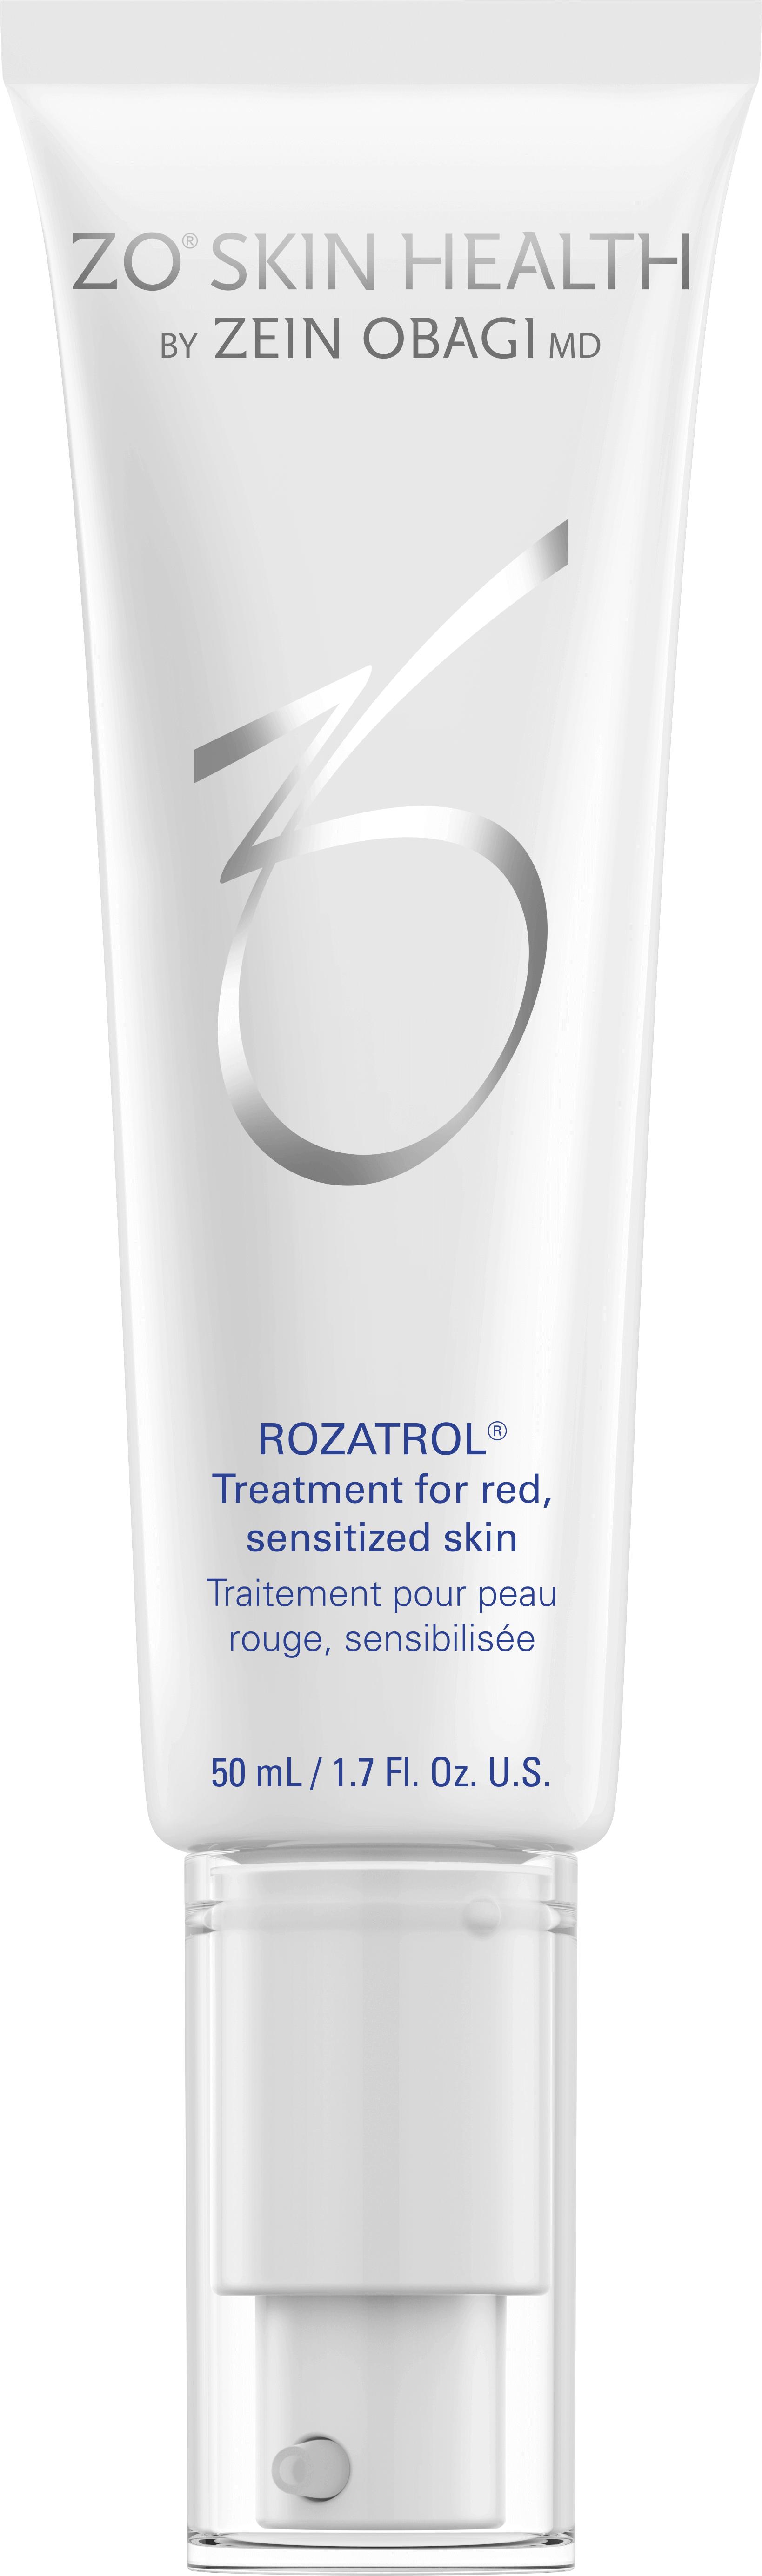 Zo Skin Health - Rozatrol